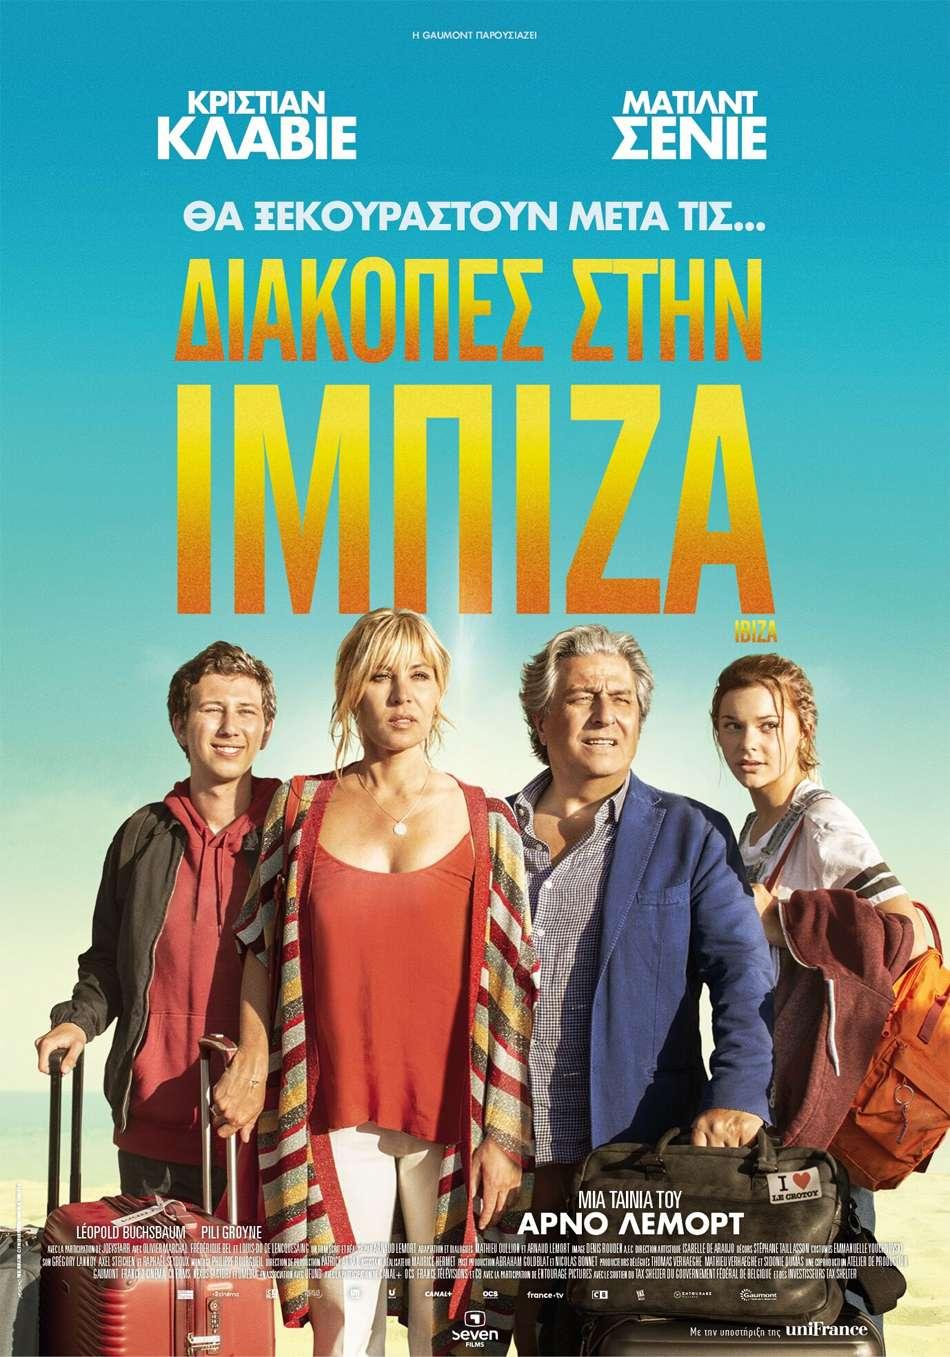 Διακοπές στην Ίμπιζα (Ibiza) - Trailer / Τρέιλερ Poster